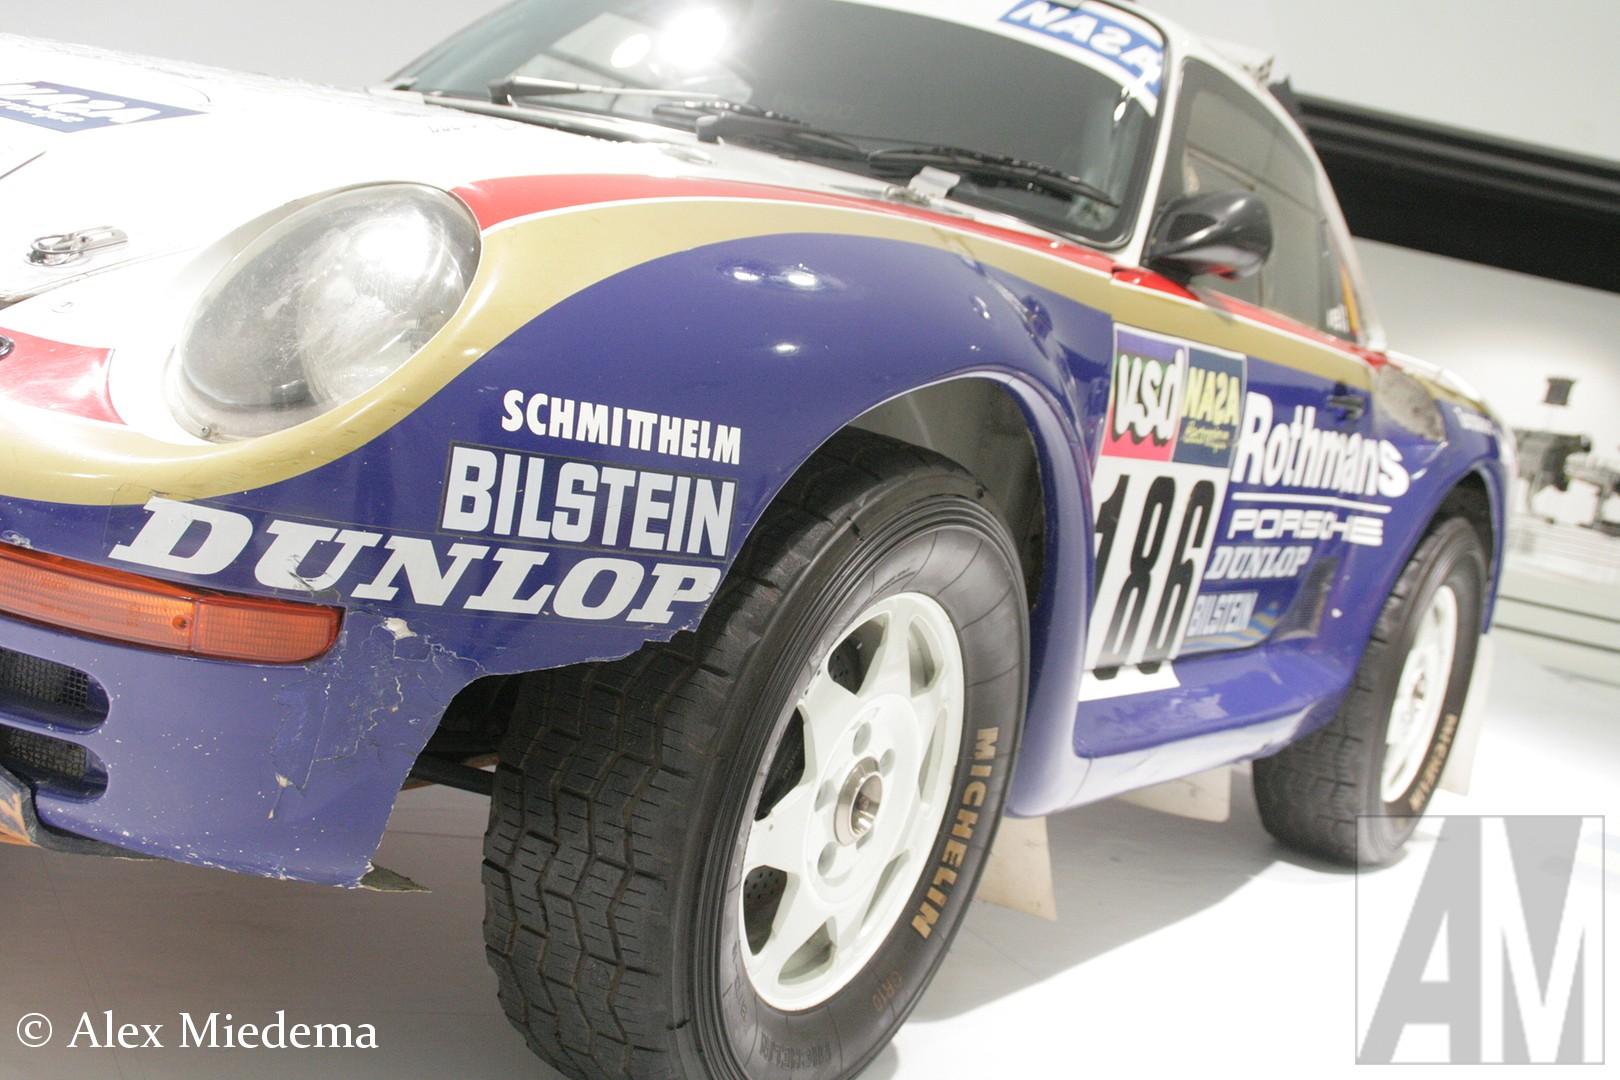 Porsche  Alleen al deze auto is wat bij betreft een bezoek aan het Porsche Museum in Zuffenhausen waard, één van de Porsche 959's die bij Le Dakar in is gezet. René Metge en Dominic Lemoyne heben de rally in 1986 met de 959 op hun naam geschreven.  Alleen al deze auto is wat bij betreft een bezoek aan het Porsche Alleen al deze auto is wat bij betreft een bezoek aan het  in Zuffenhausen waard, één van de Porsche 959's die bij Le Dakar in is gezet. René Metge en Dominic Lemoyne heben de rally in 1986 met de 959 op hun naam geschreven. Museum in Zuffenhausen waard, één van de Porsche Alleen al deze auto is wat bij betreft een bezoek aan het Porsche Museum in Zuffenhausen waard, één van de Porsche Alleen al deze auto is wat bij betreft een bezoek aan het Porsche Museum in Zuffenhausen waard, één van de Porsche 959's die bij Le Dakar in is gezet. René Metge en Dominic Lemoyne heben de rally in 1986 met de 959 op hun naam geschreven. 959's die bij Le Dakar in is gezet. René Metge en Dominic Lemoyne heben de rally in 1986 met de 959 op hun naam geschreven. 959's die bij Le Dakar in is gezet. René Metge en Dominic Lemoyne heben de rally in 1986 met de 959 op hun naam geschreven. 959